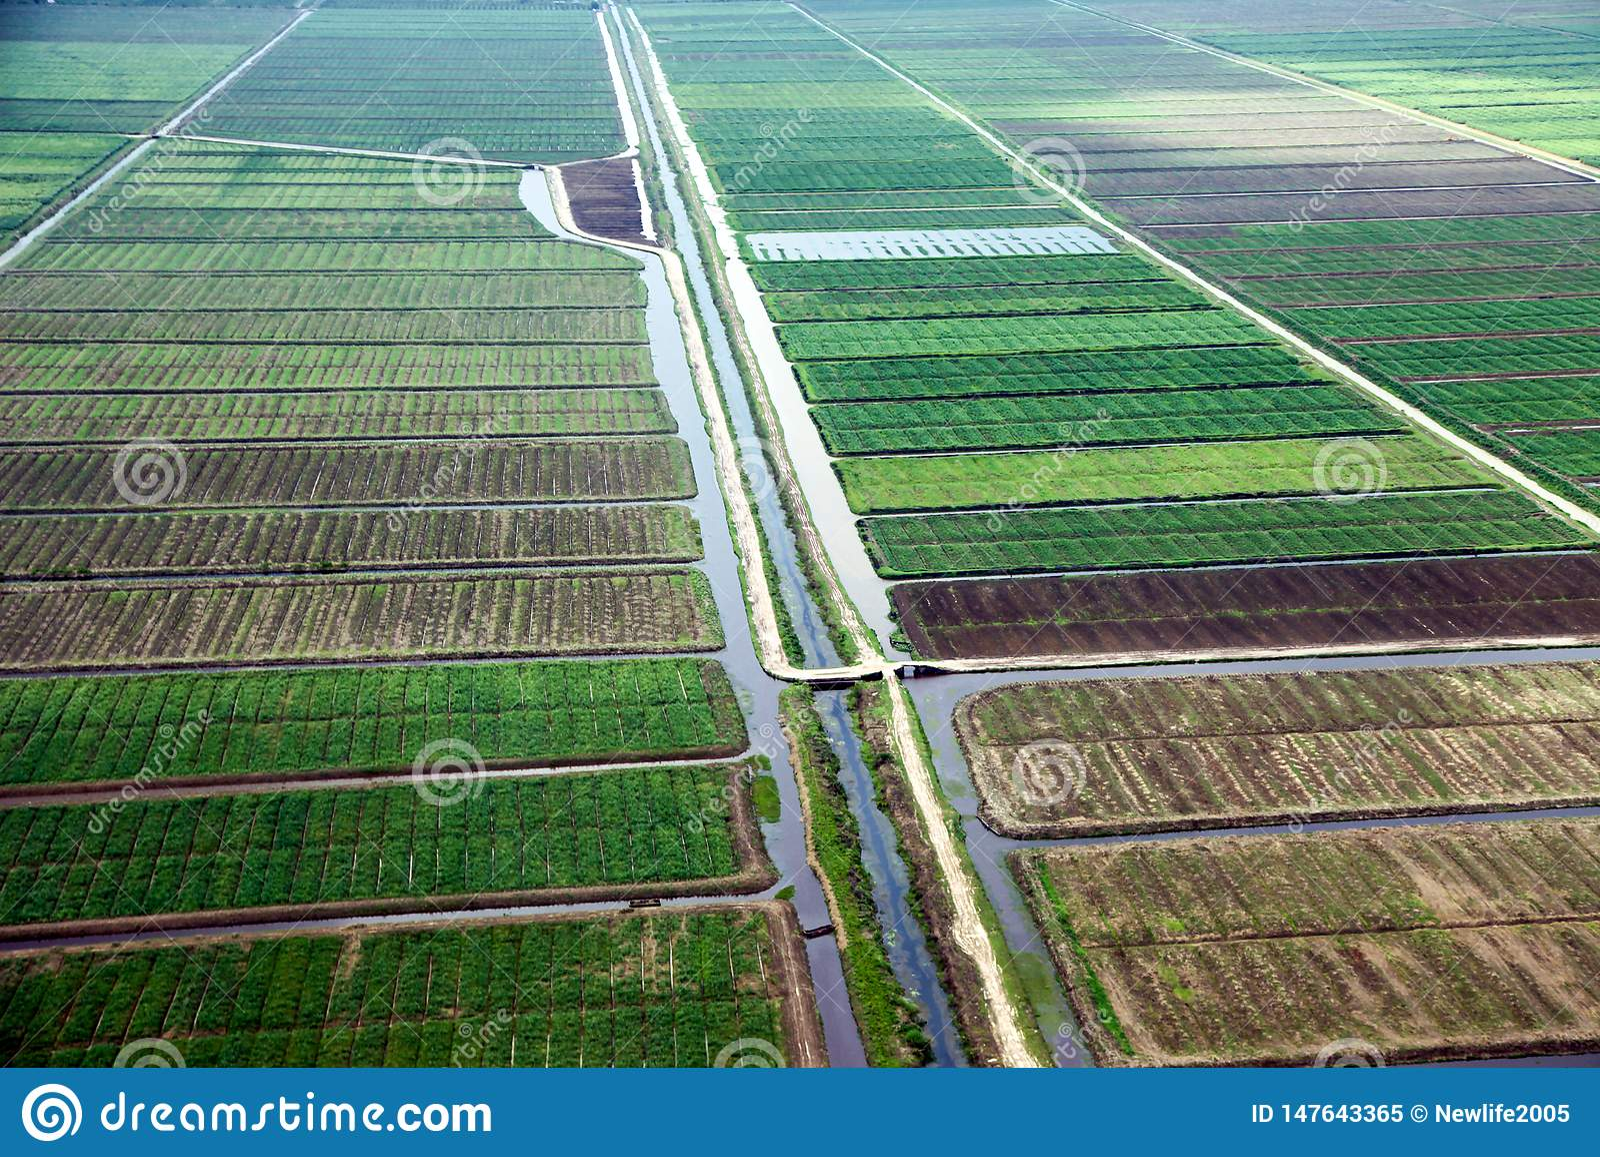 Position de primevère farineuse des champs avec des voies d eau, adoptée de l avion